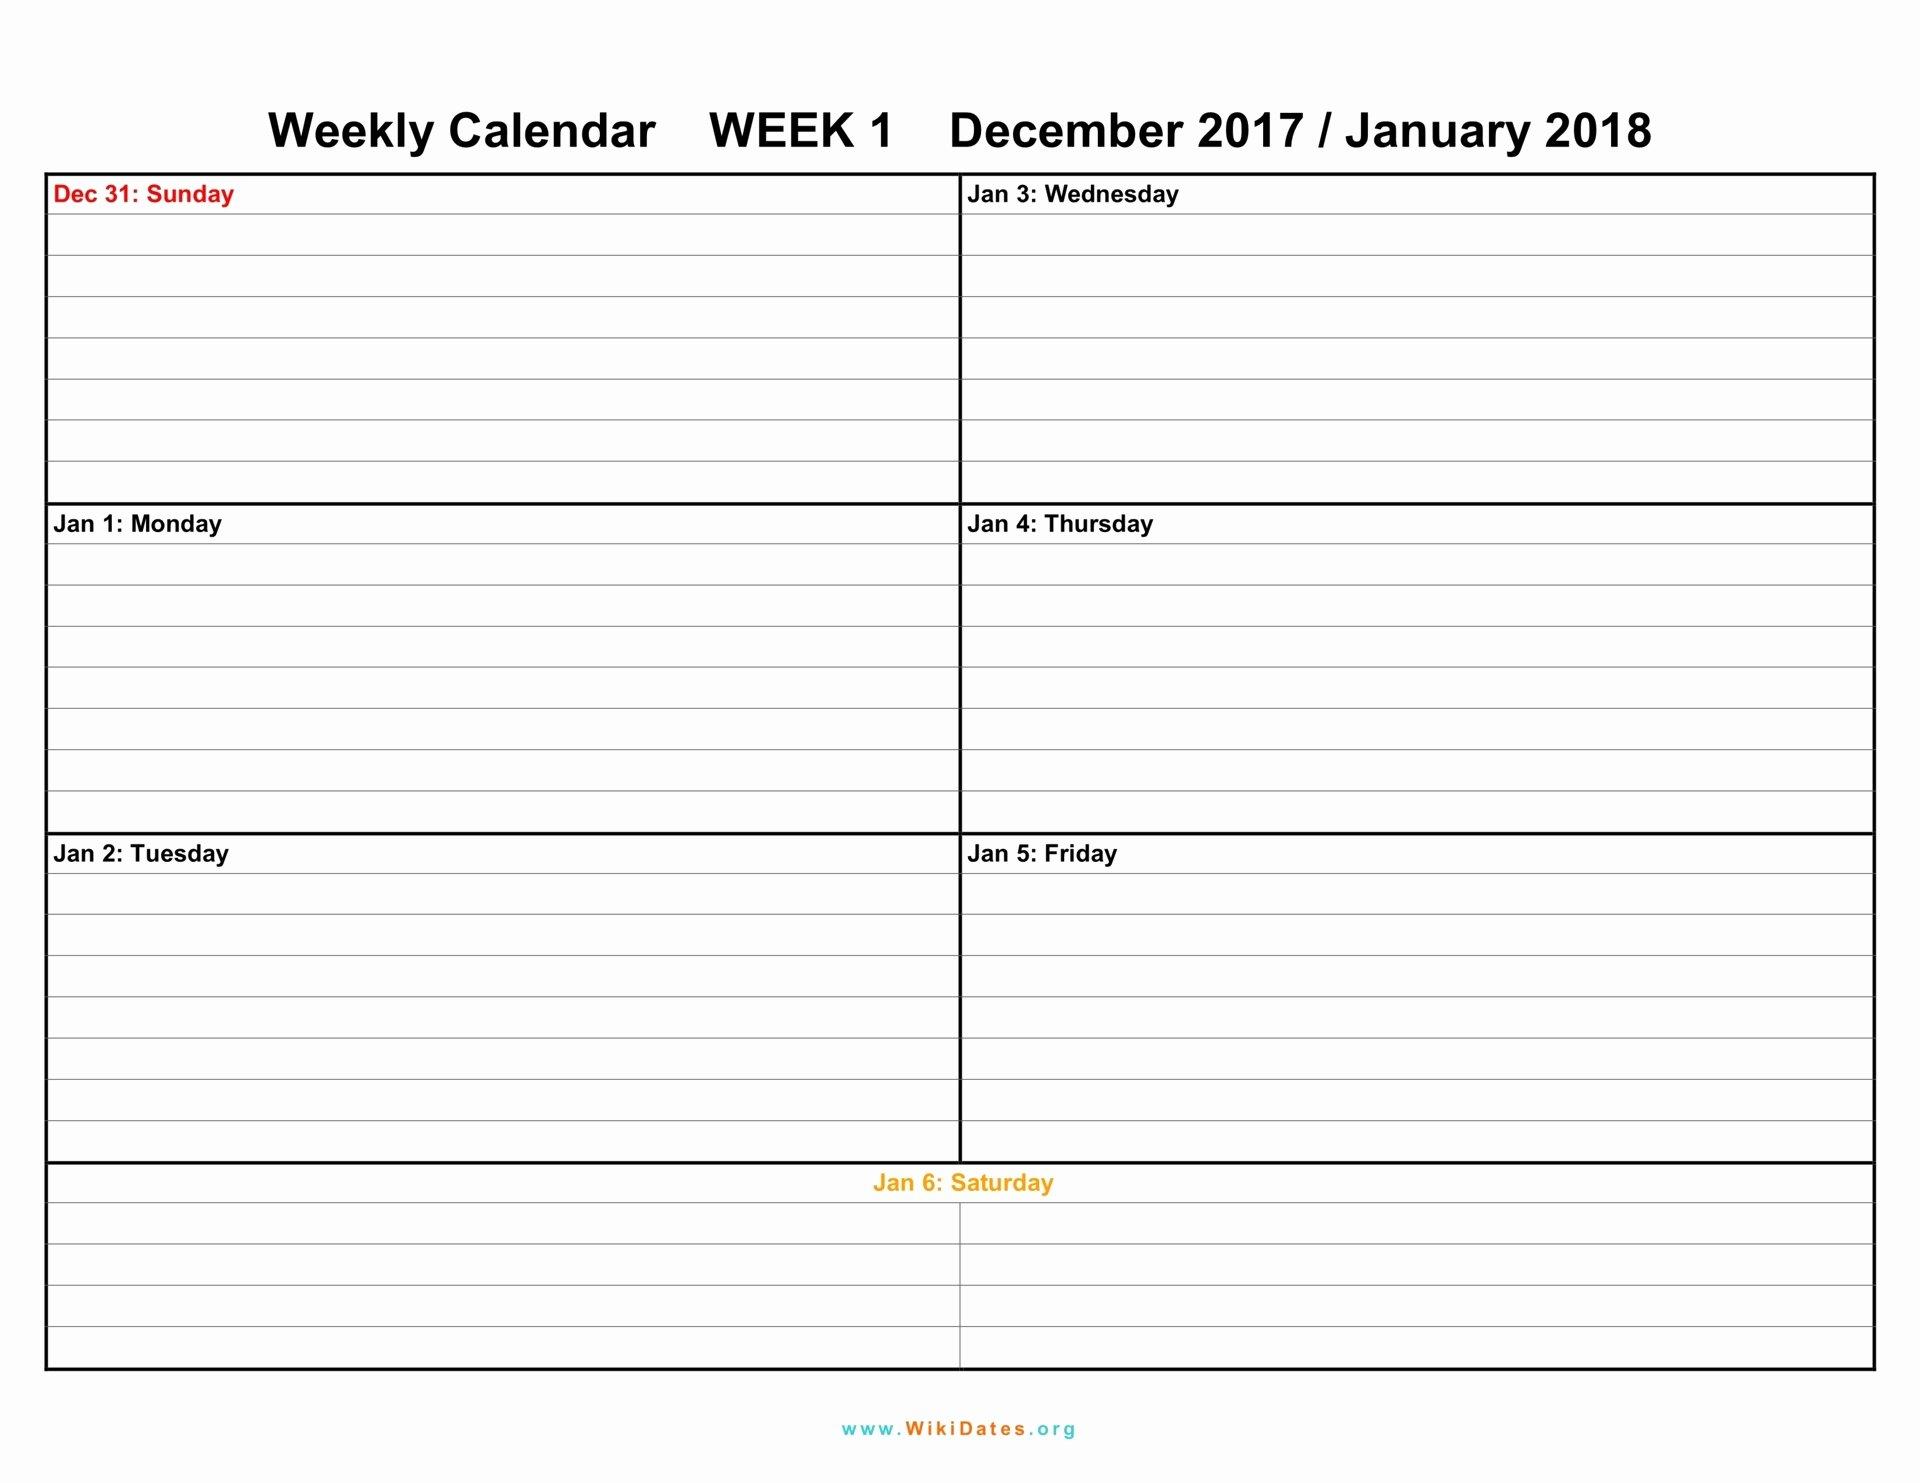 2 Week Calendar Printable Beautiful Weekly Calendar Download Weekly Calendar 2017 and 2018